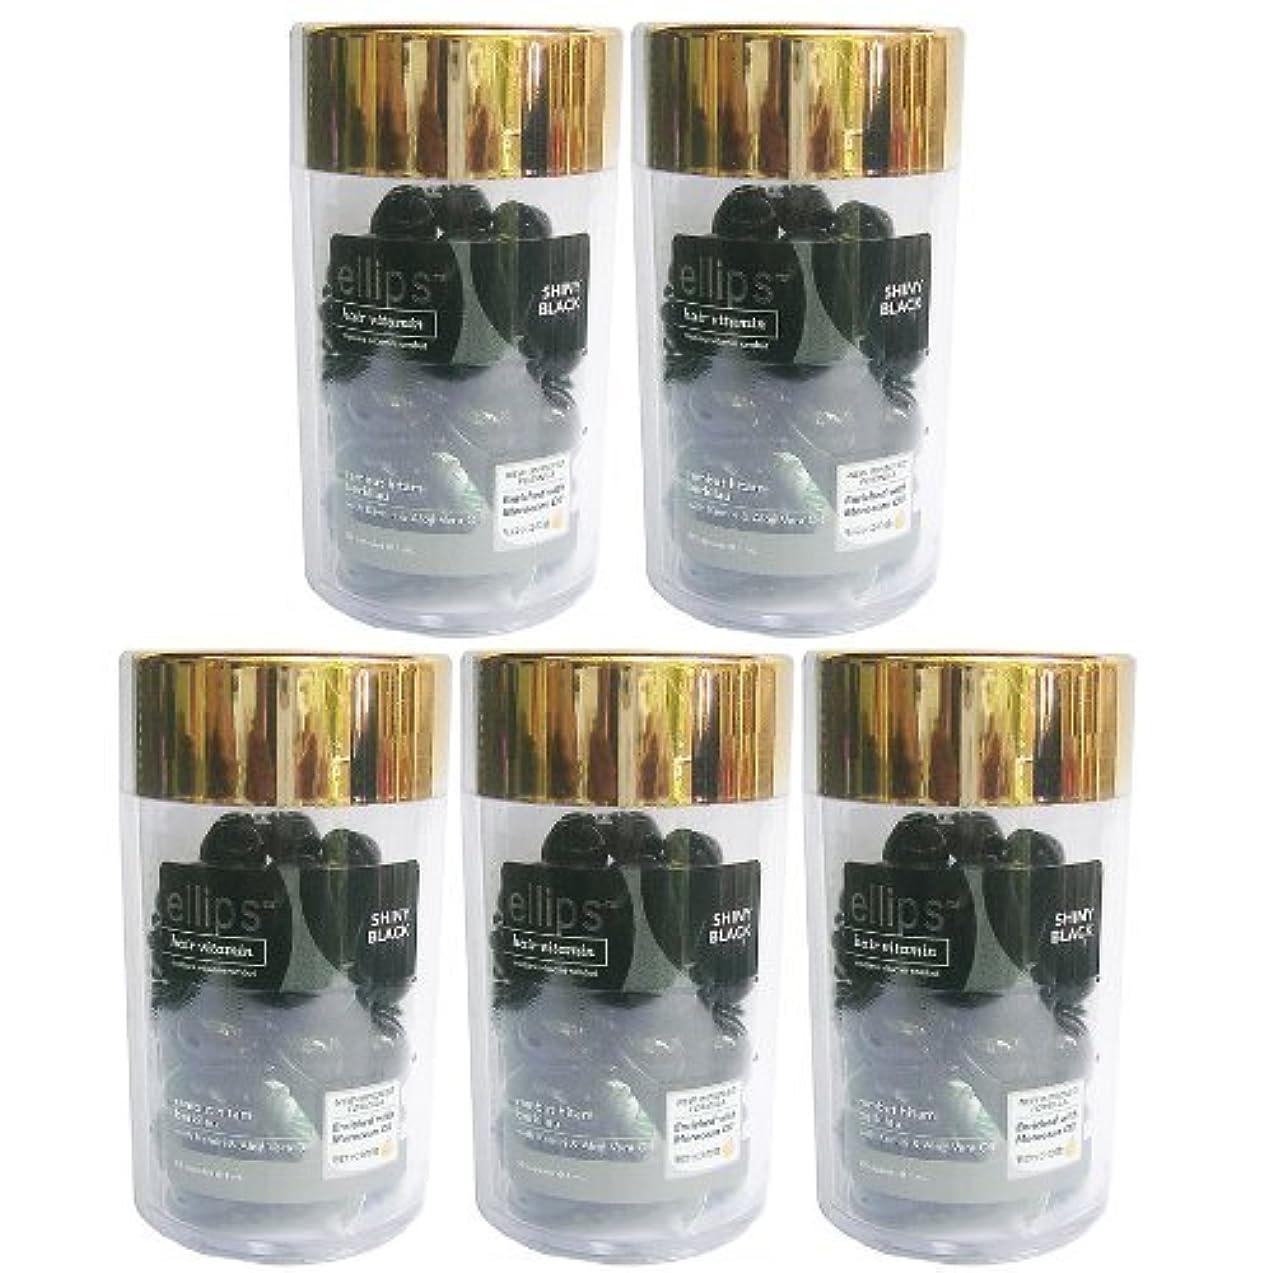 隔離普遍的なアーティストEllips(エリプス)ヘアビタミン(50粒入)5個セット [並行輸入品][海外直送品] ブラック